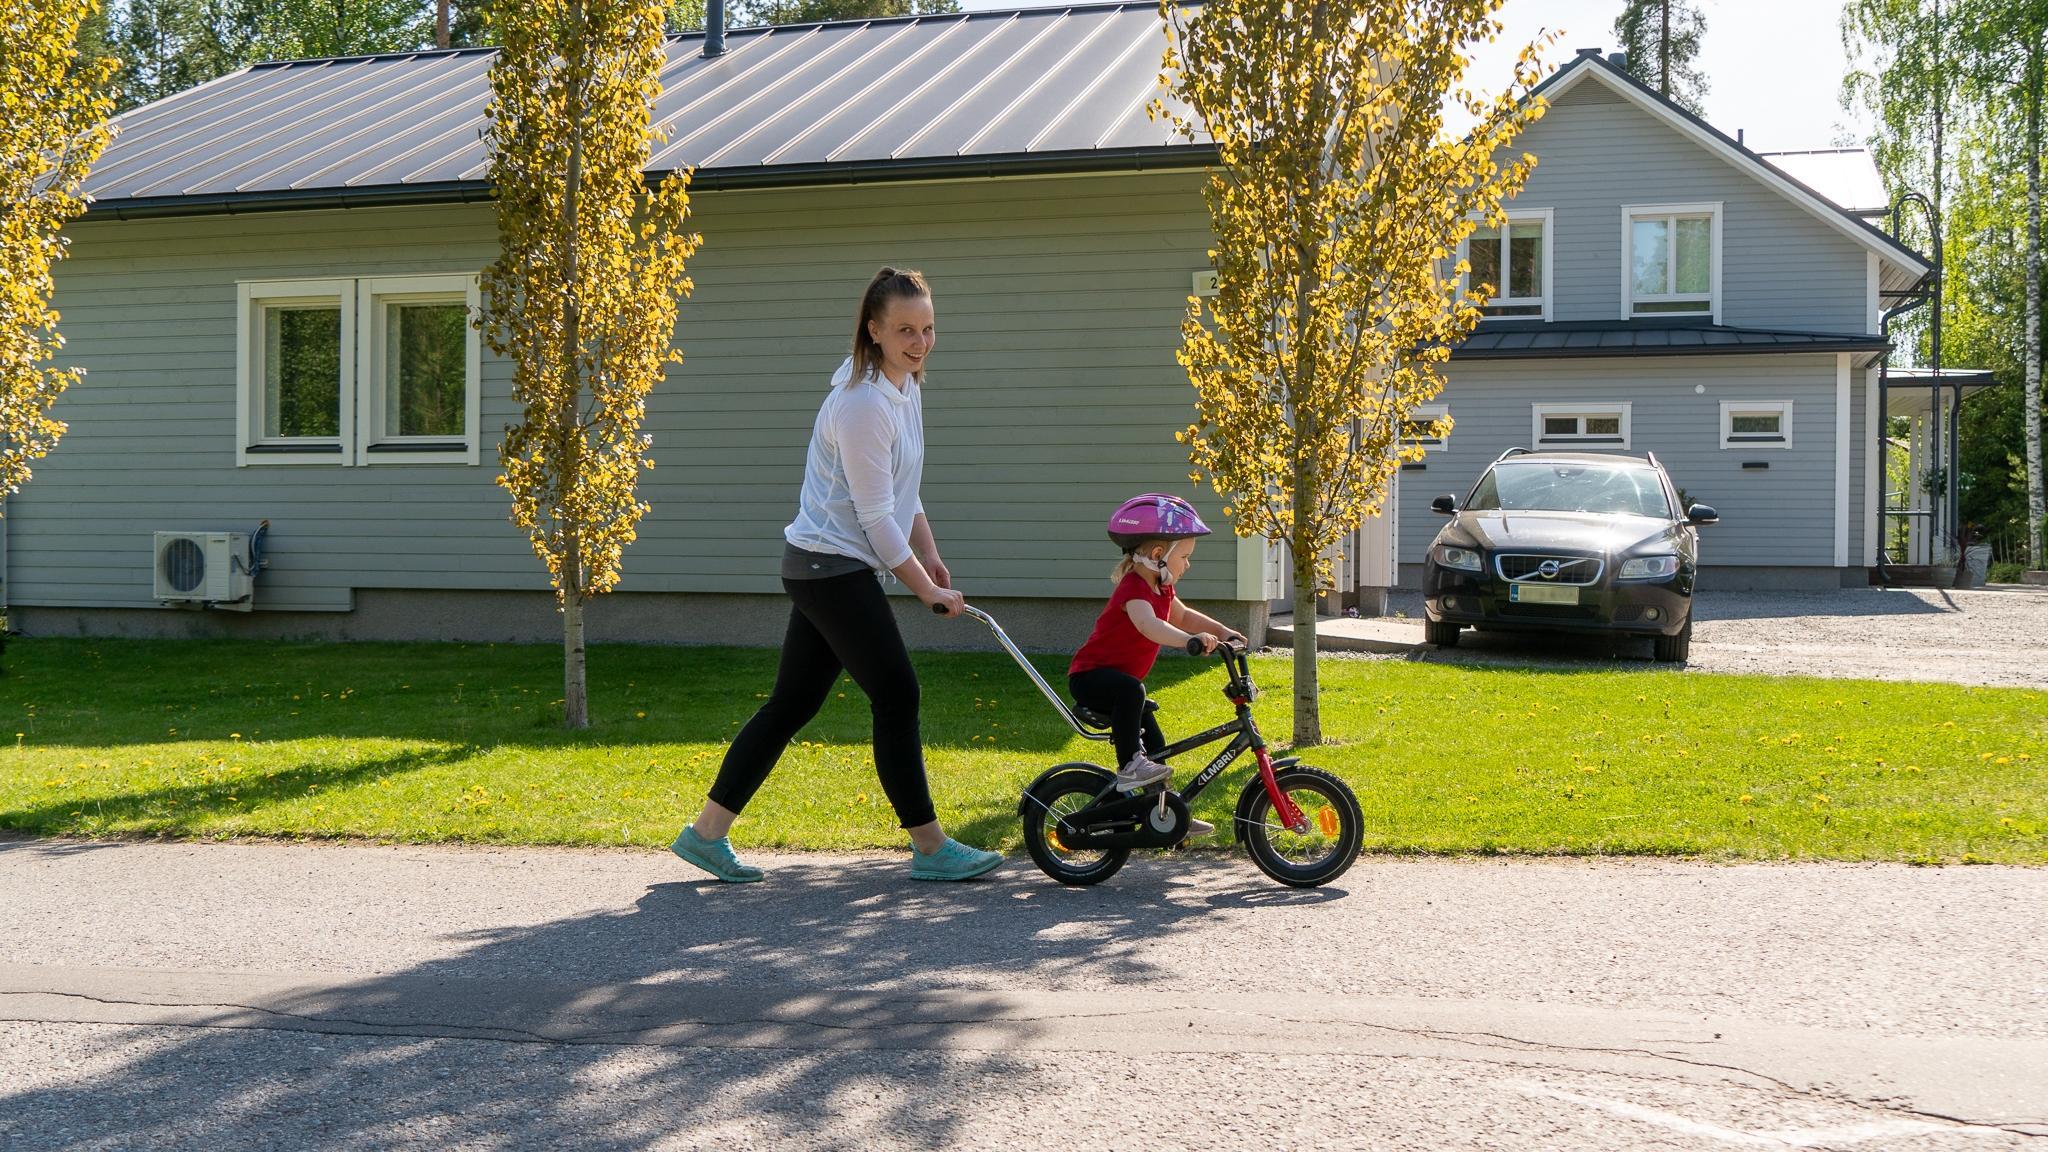 Äiti pyöräilyttää pikkutyttöä perheen omakotitalon edustalla.